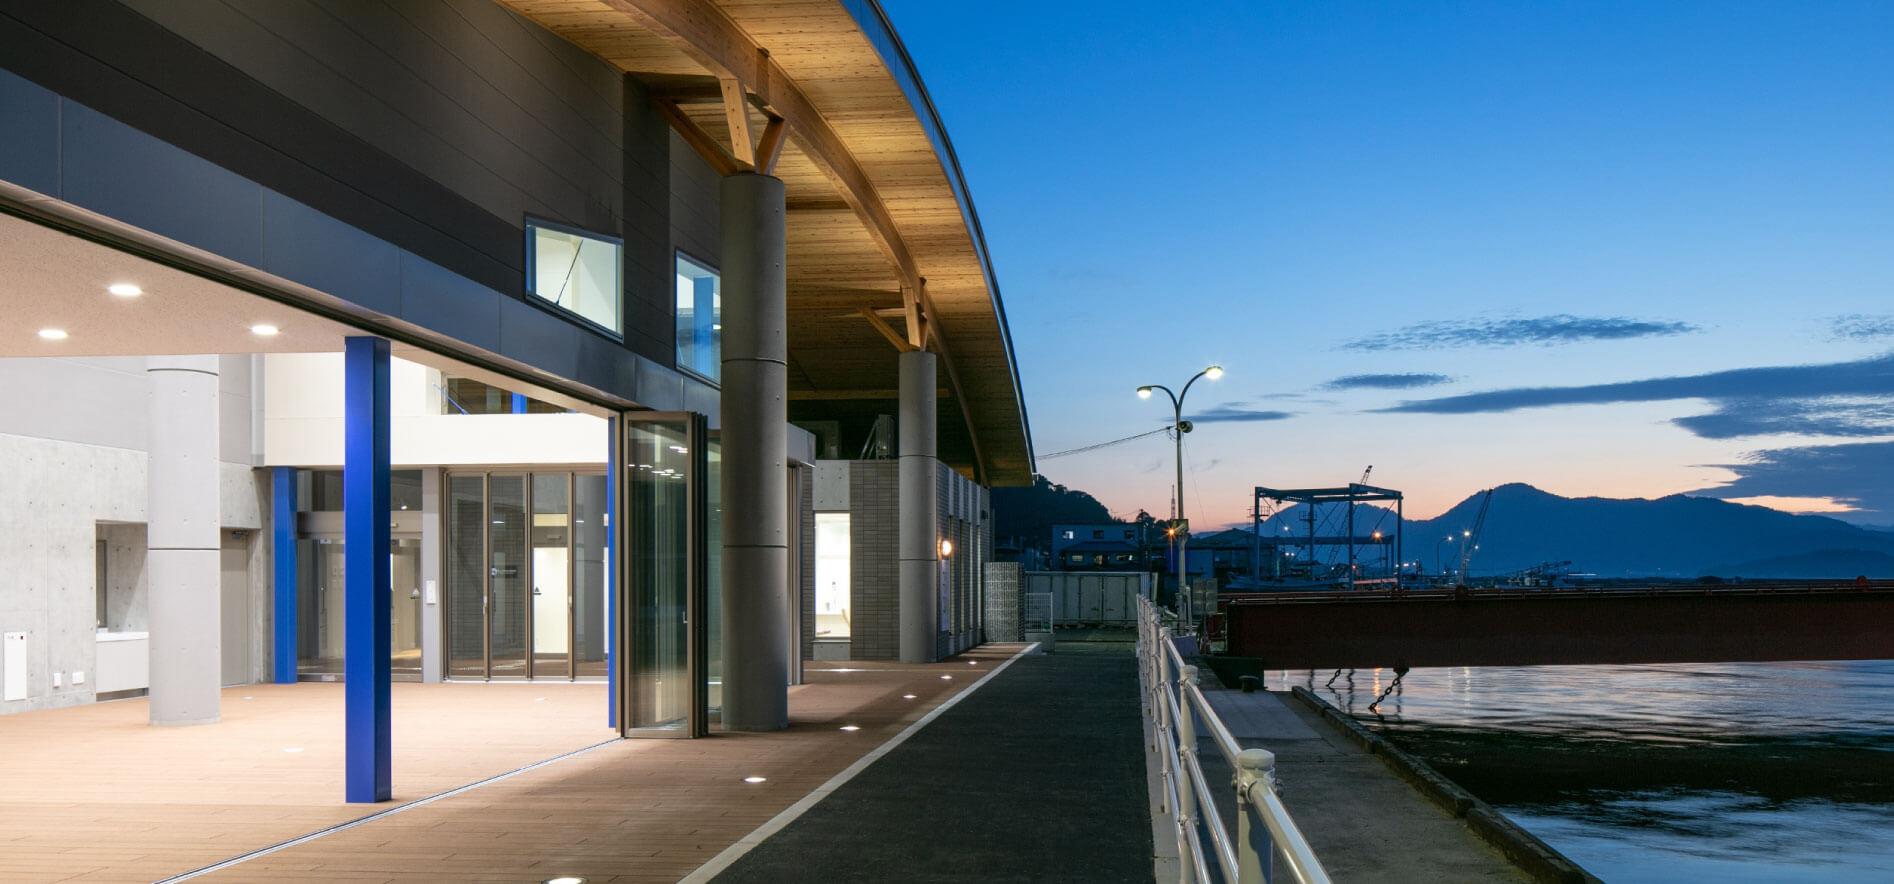 木造建築の施工事例:三高港ターミナル 1枚目